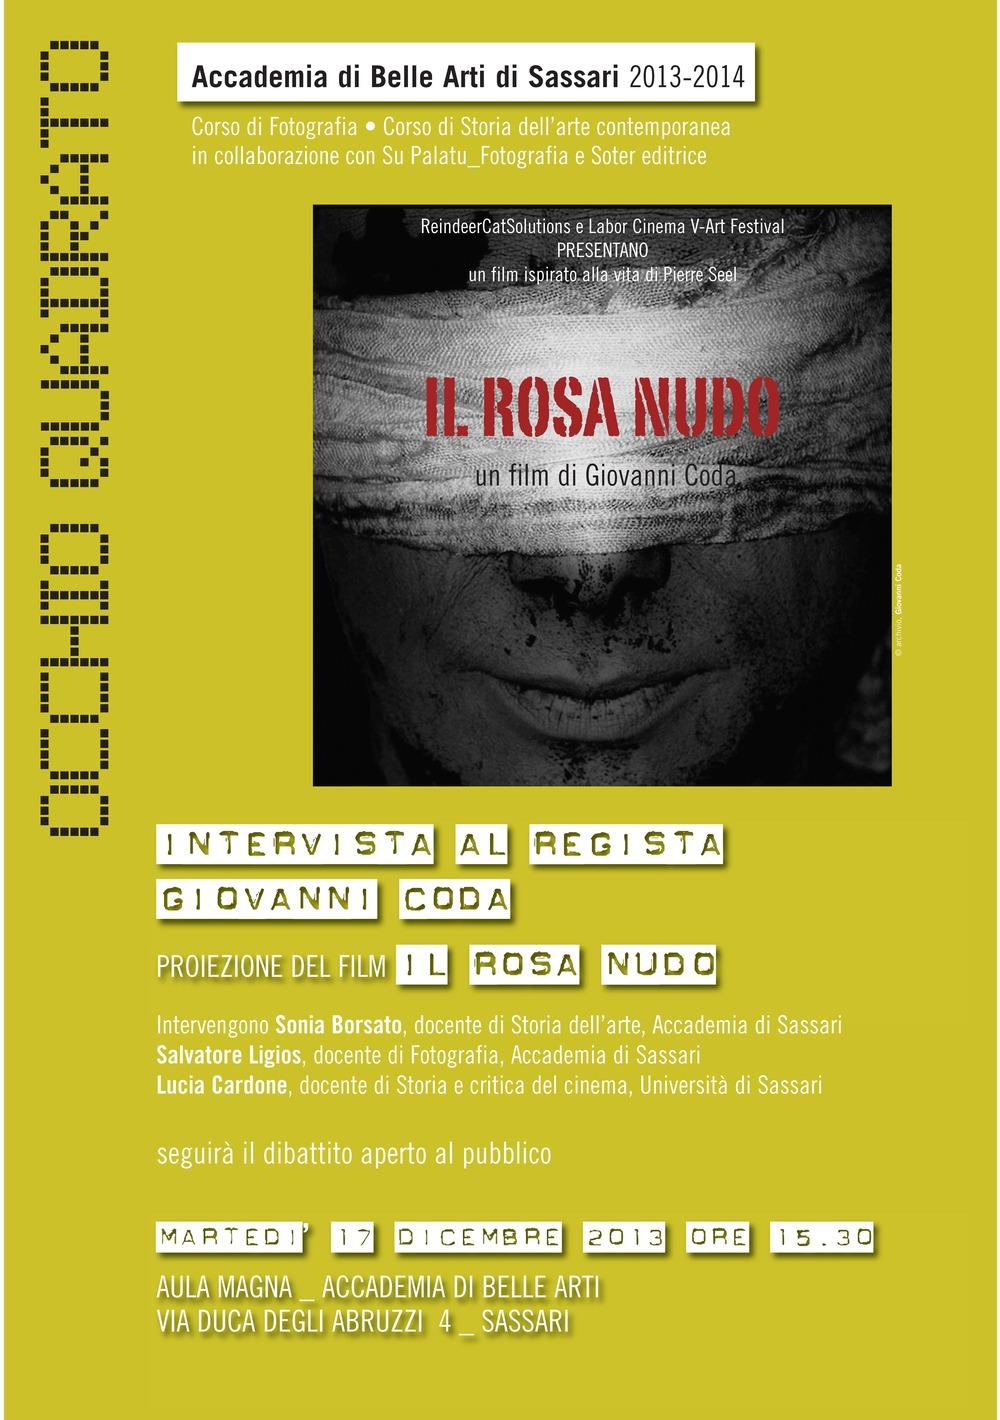 2013_12_17_Lectio1_OcchioQuadrato.jpg